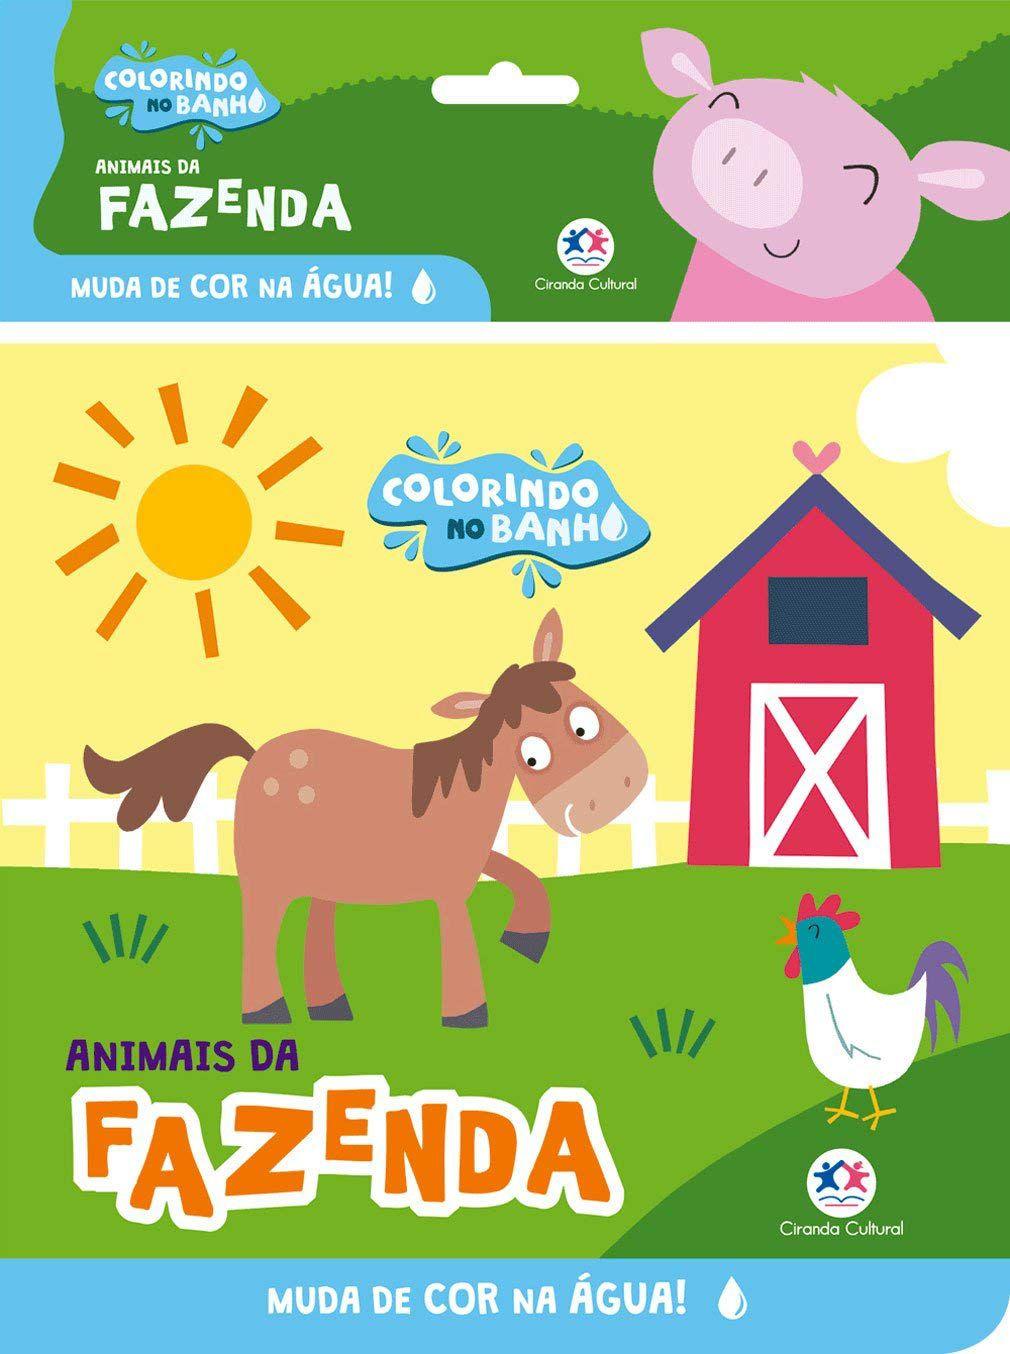 COLORINDO NO BANHO - ANIMAIS DA FAZENDA